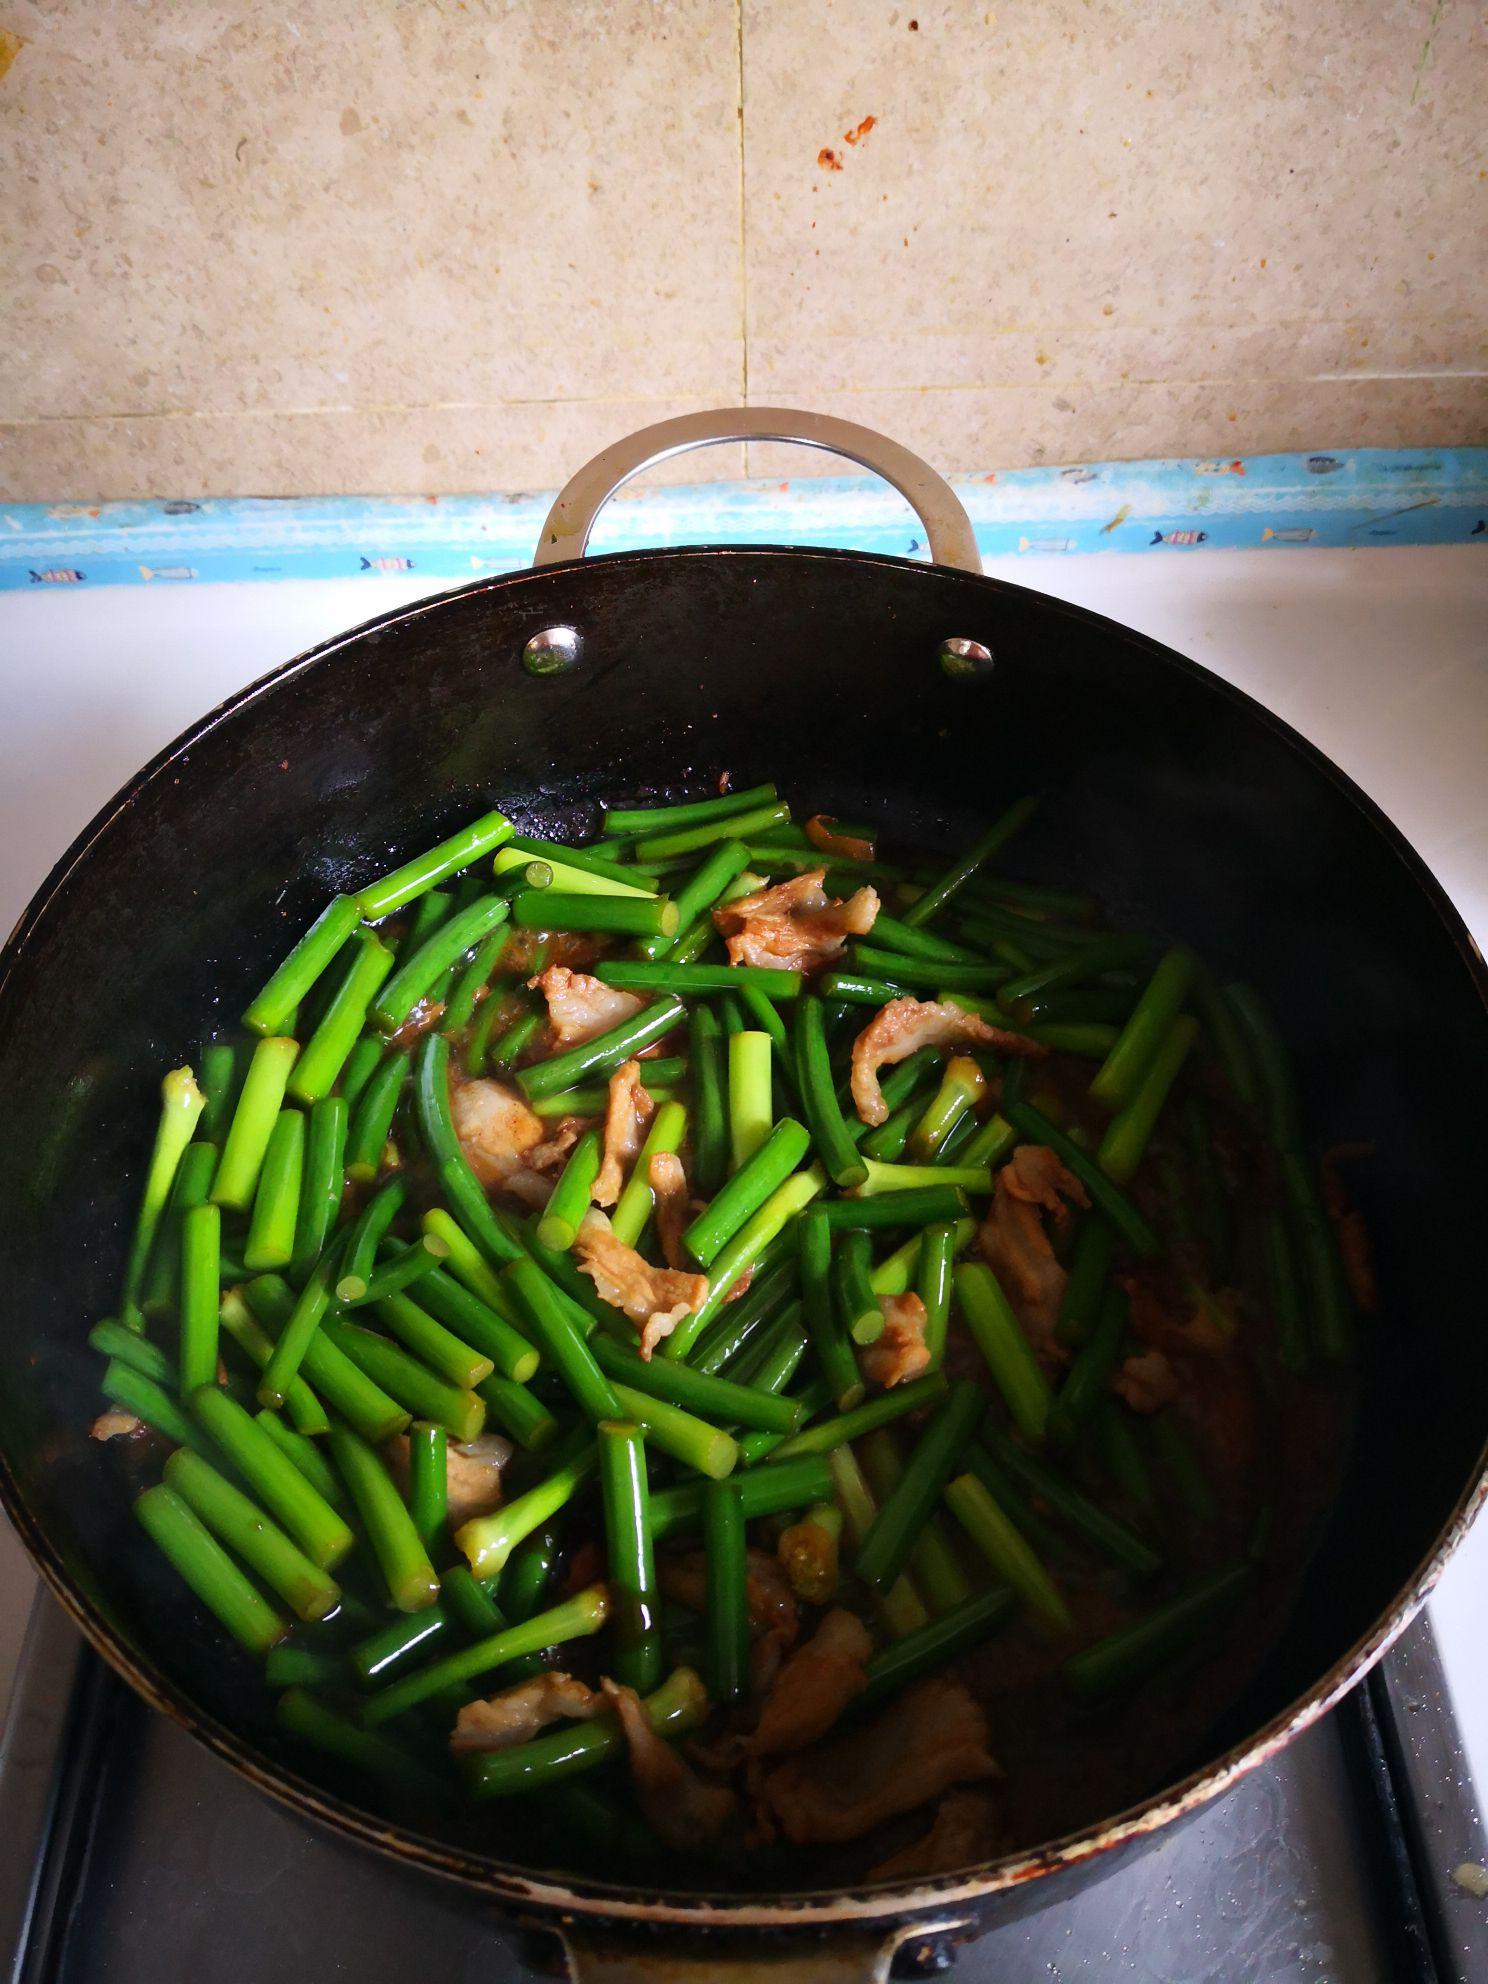 排骨肉炒蒜苔怎么炒